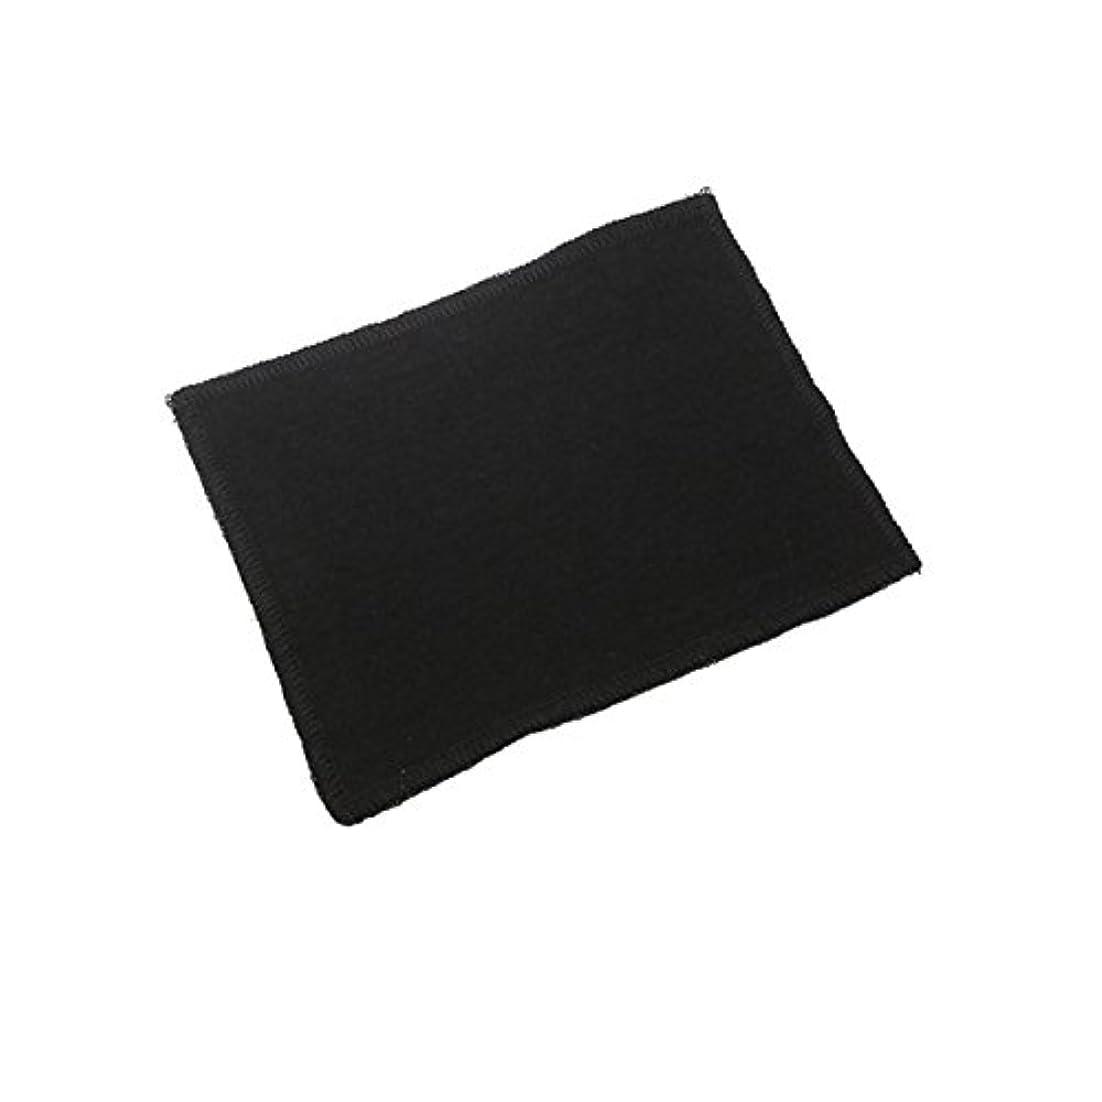 倒産マウントバンク本能Rose Blanc(ロサブラン) 接触冷感 フェイスマスク用 当て布 (M/L共通対応) 同色での2枚セット (BLACK(ブラック))